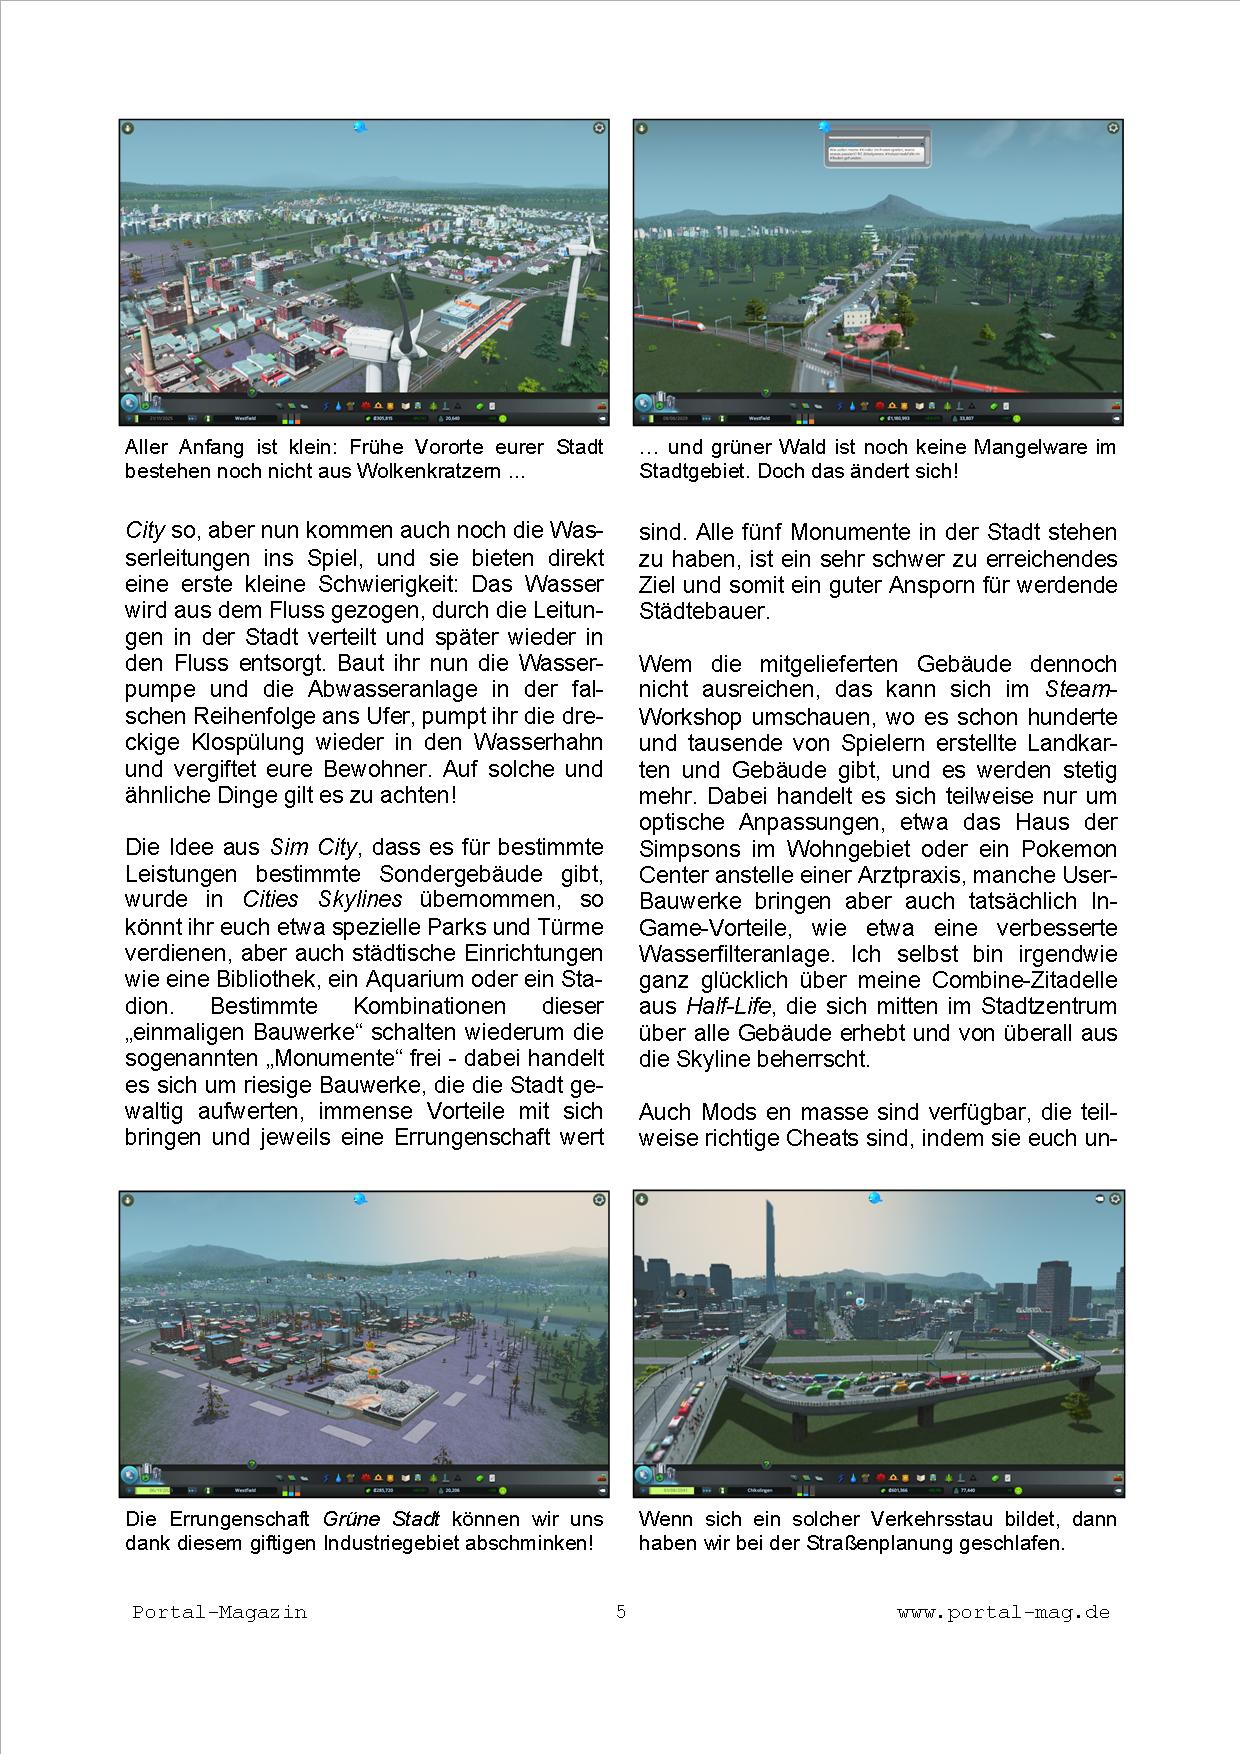 Ausgabe 30, Seite 5